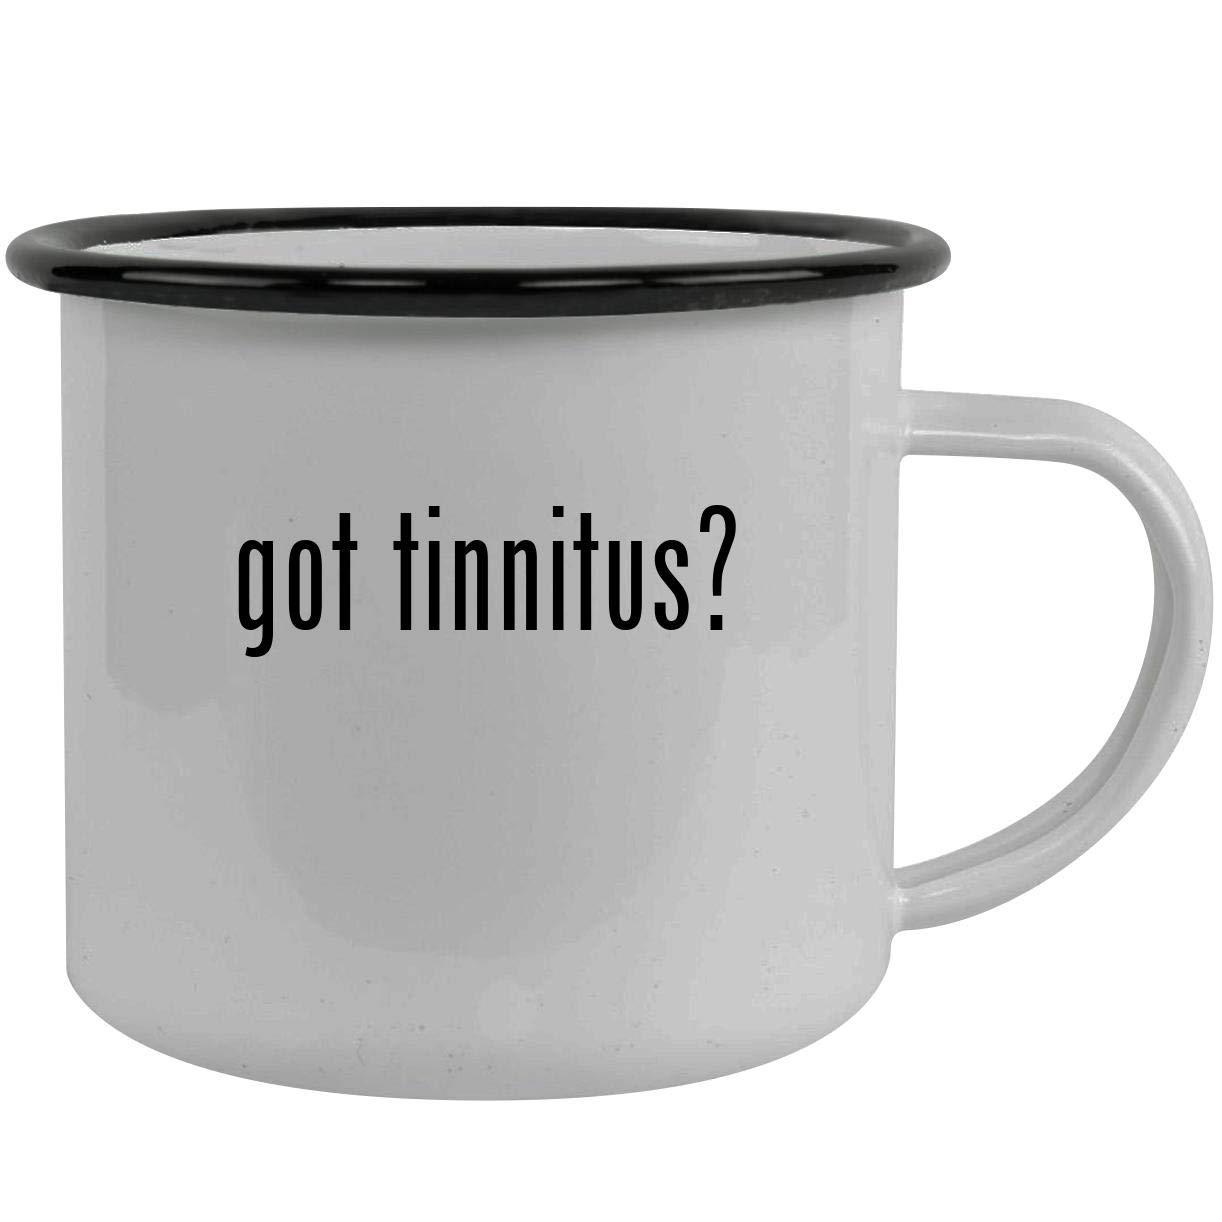 got tinnitus? - Stainless Steel 12oz Camping Mug, Black